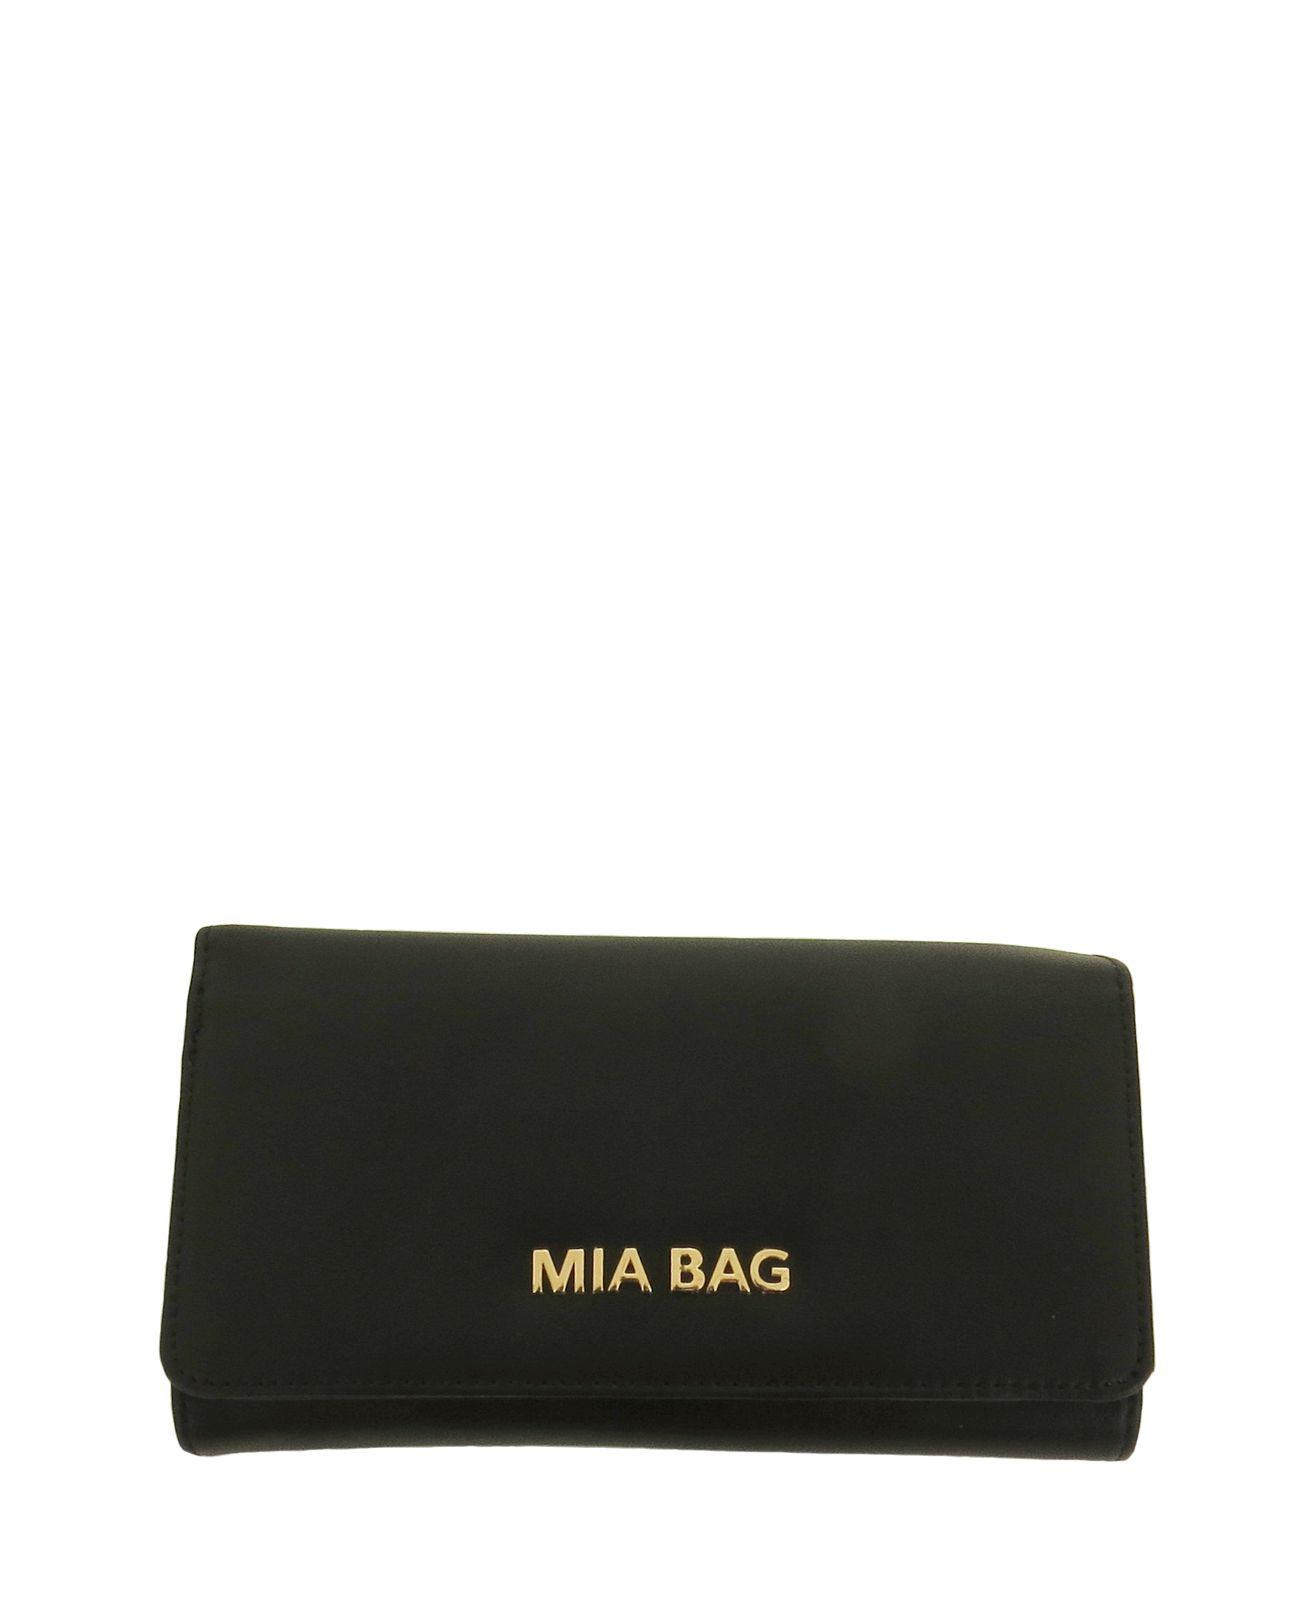 Mia Bag portafoglio lettering nero. www.caterinaformentini.it